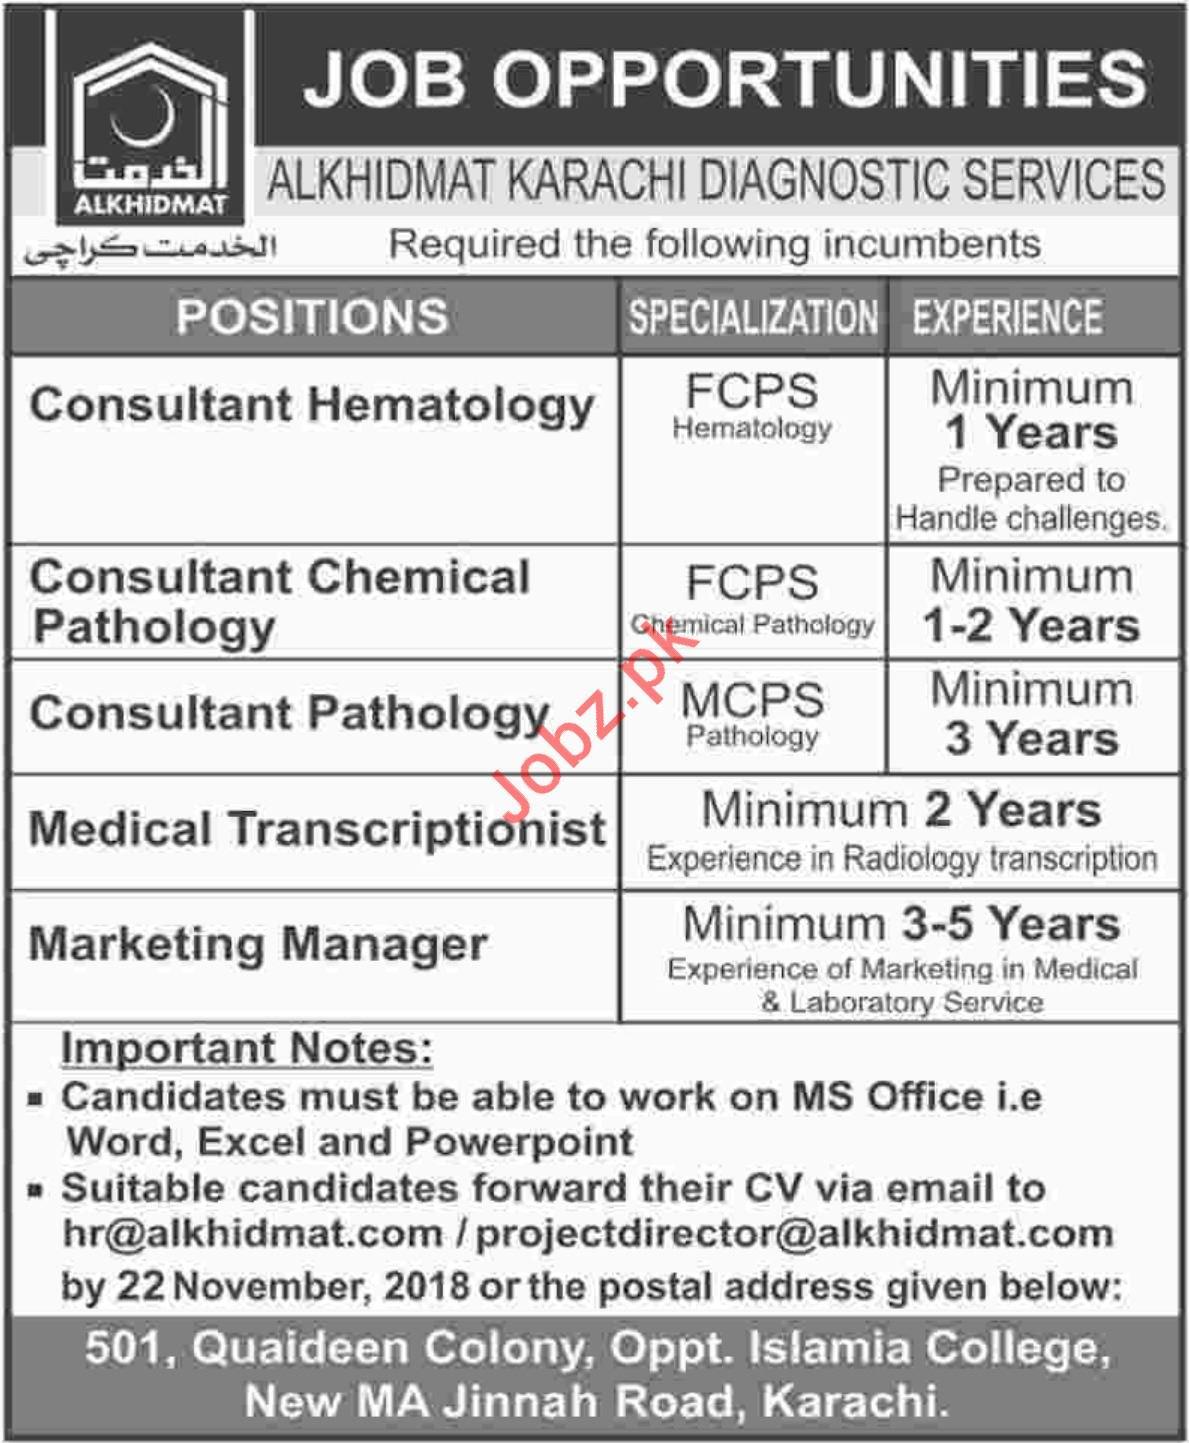 Alkhidmat Karachi Diagnostic Consultant Hematology Jobs